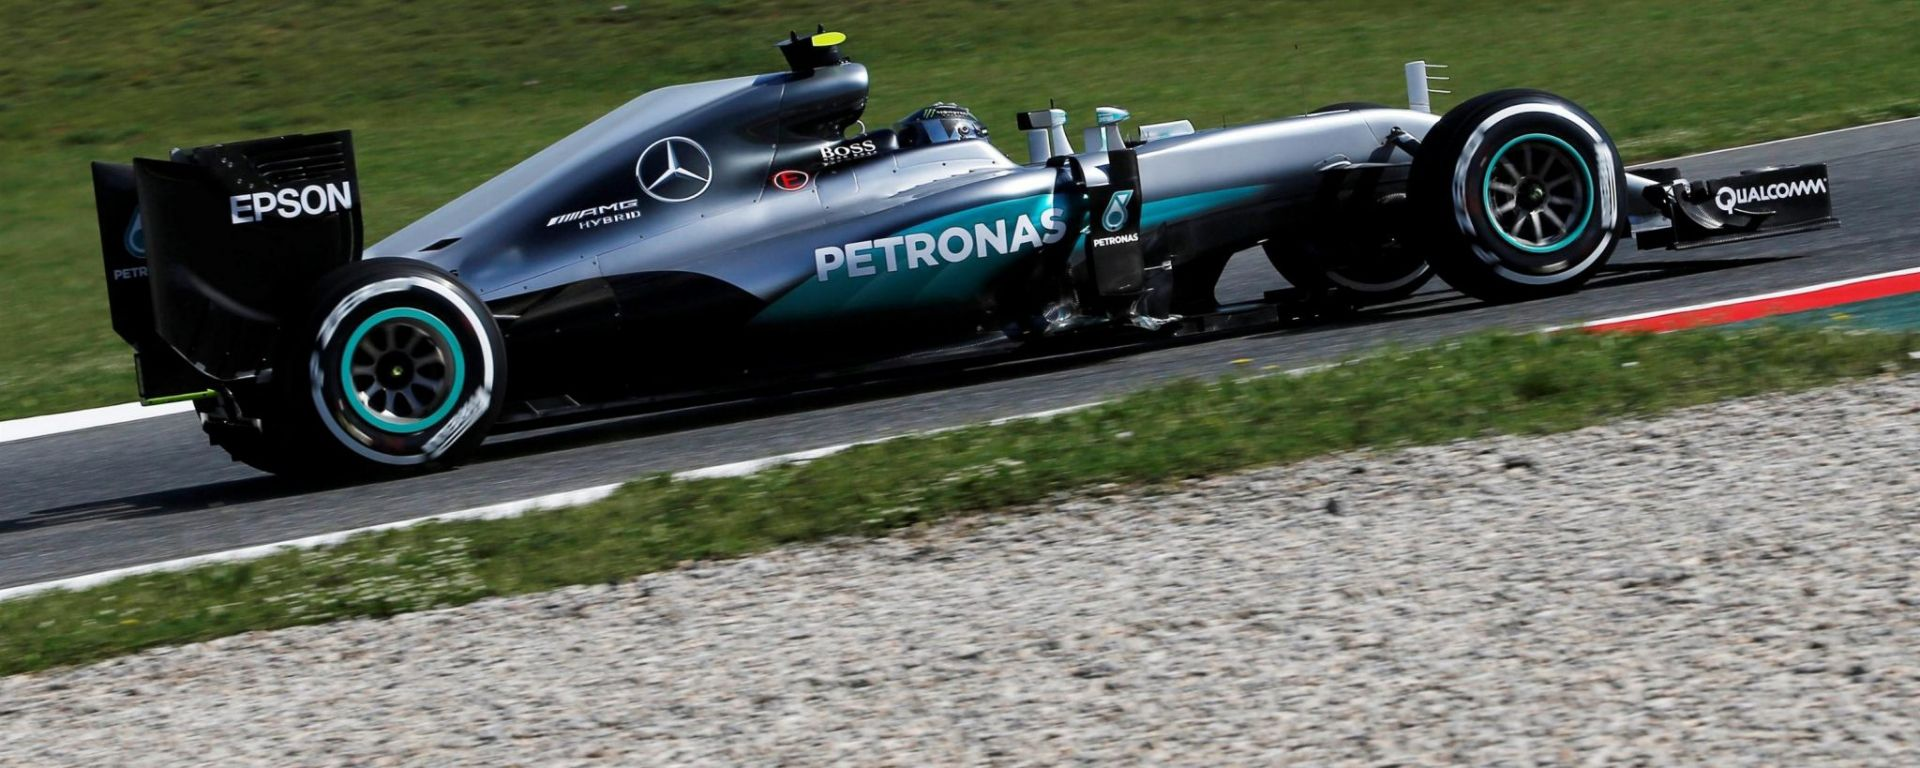 F1 2016 GP Spagna: Rosberg ancora primo ma la Ferrari è competitiva